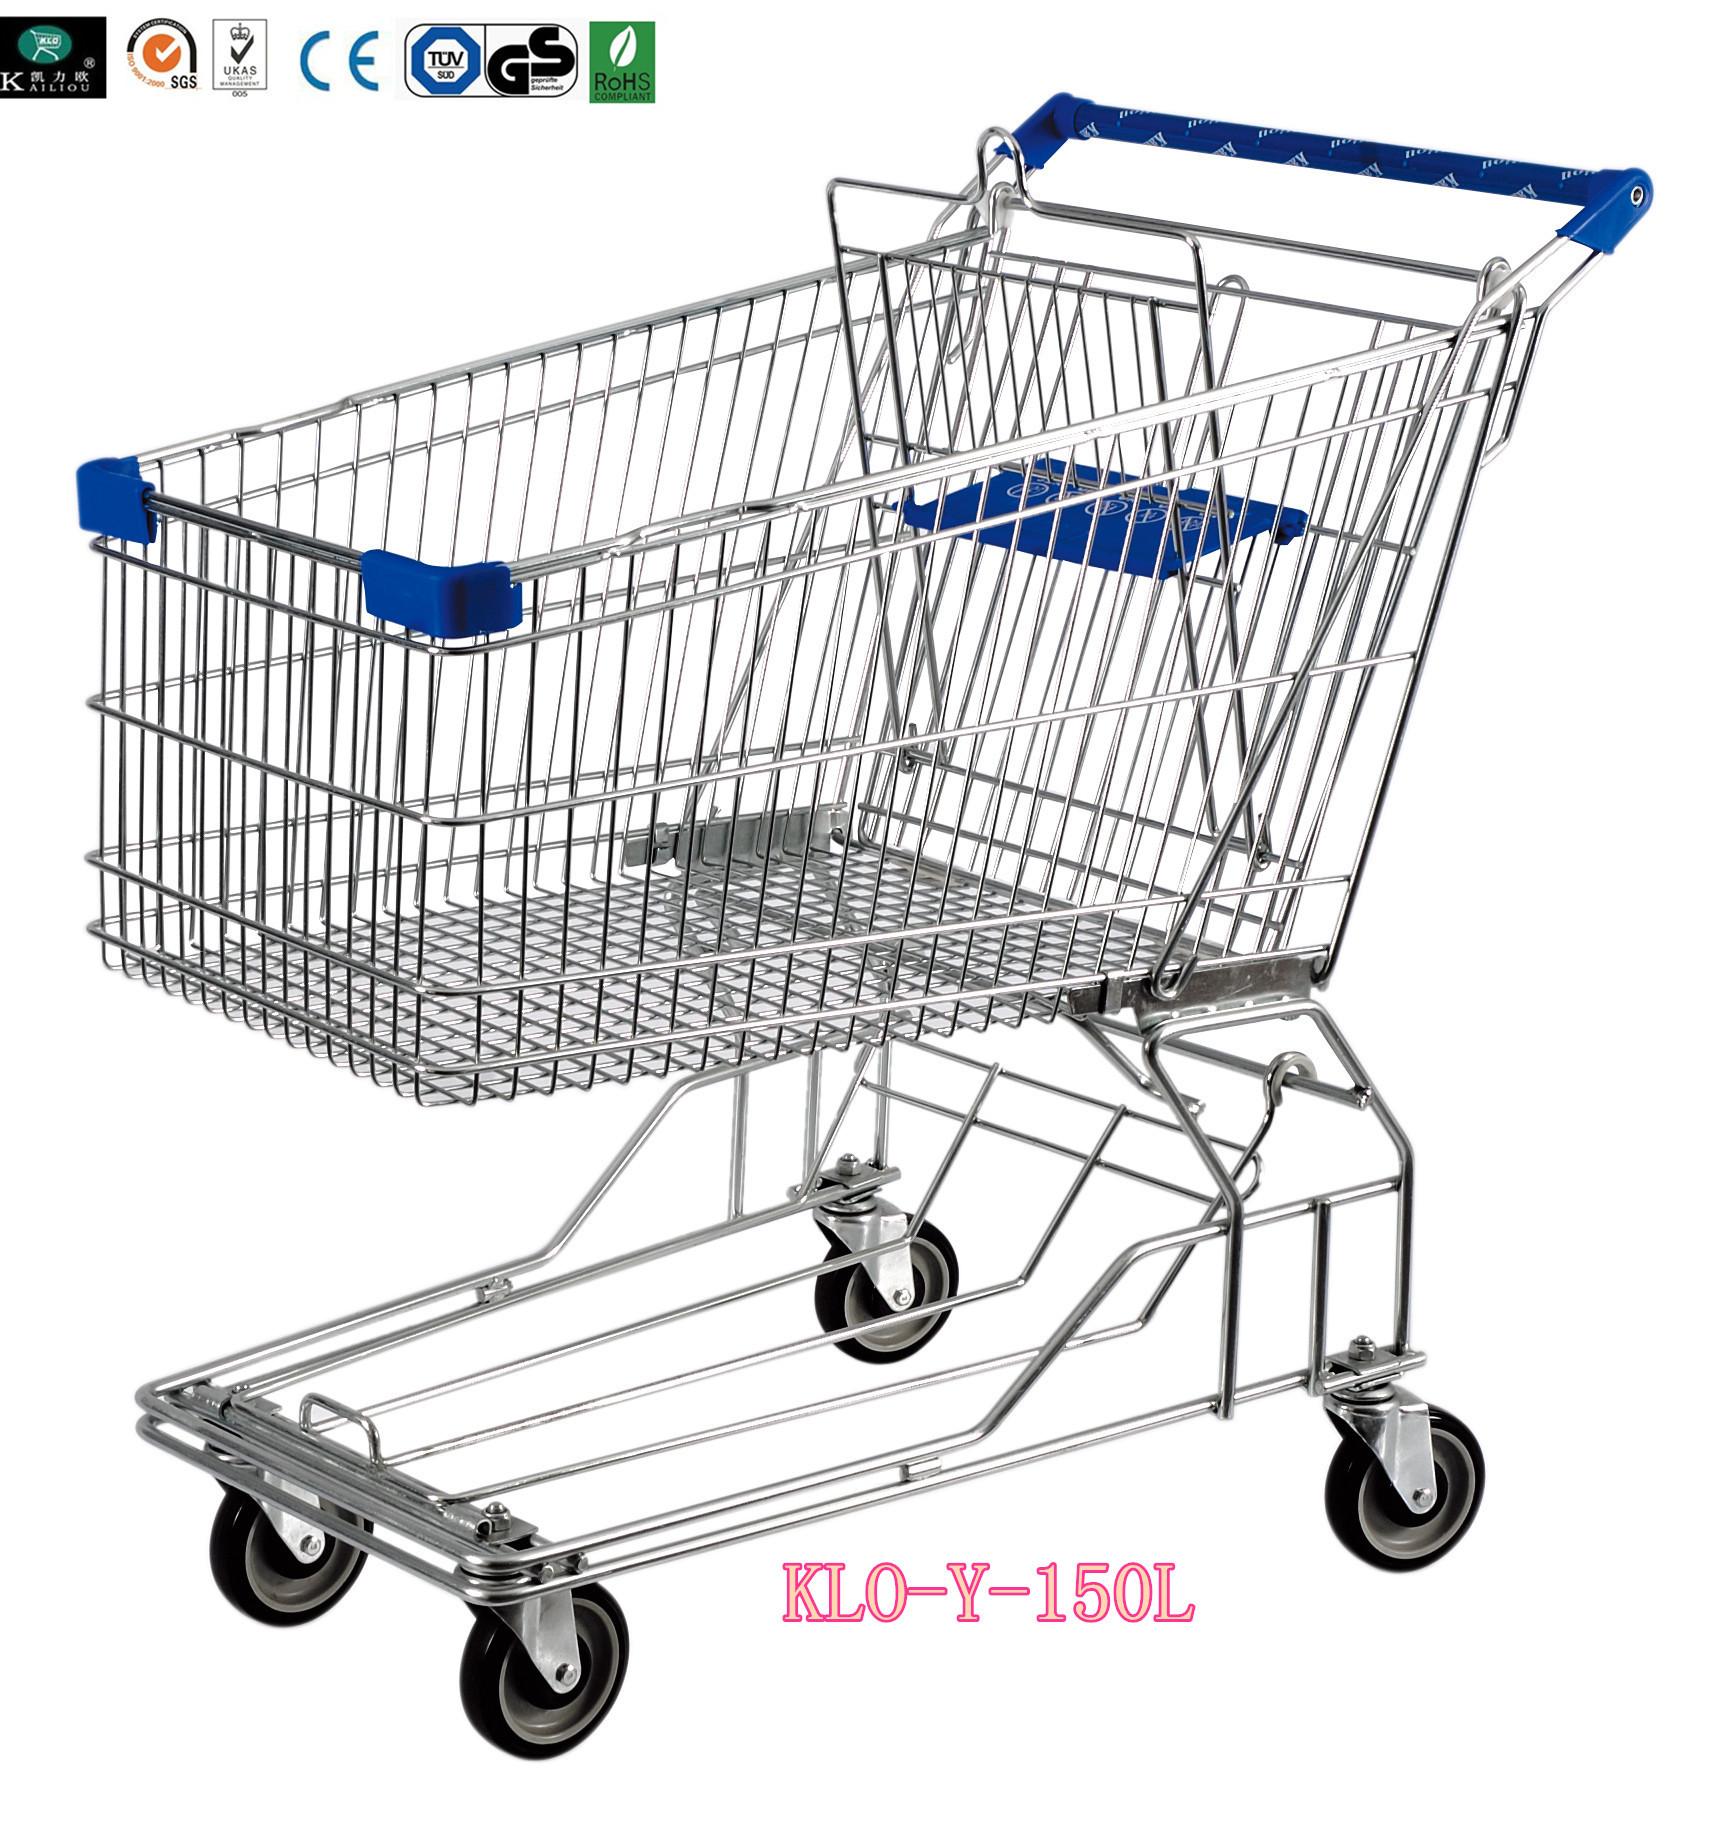 Heavy Duty 4 Wheel Metal Wire Shopping Trolley For